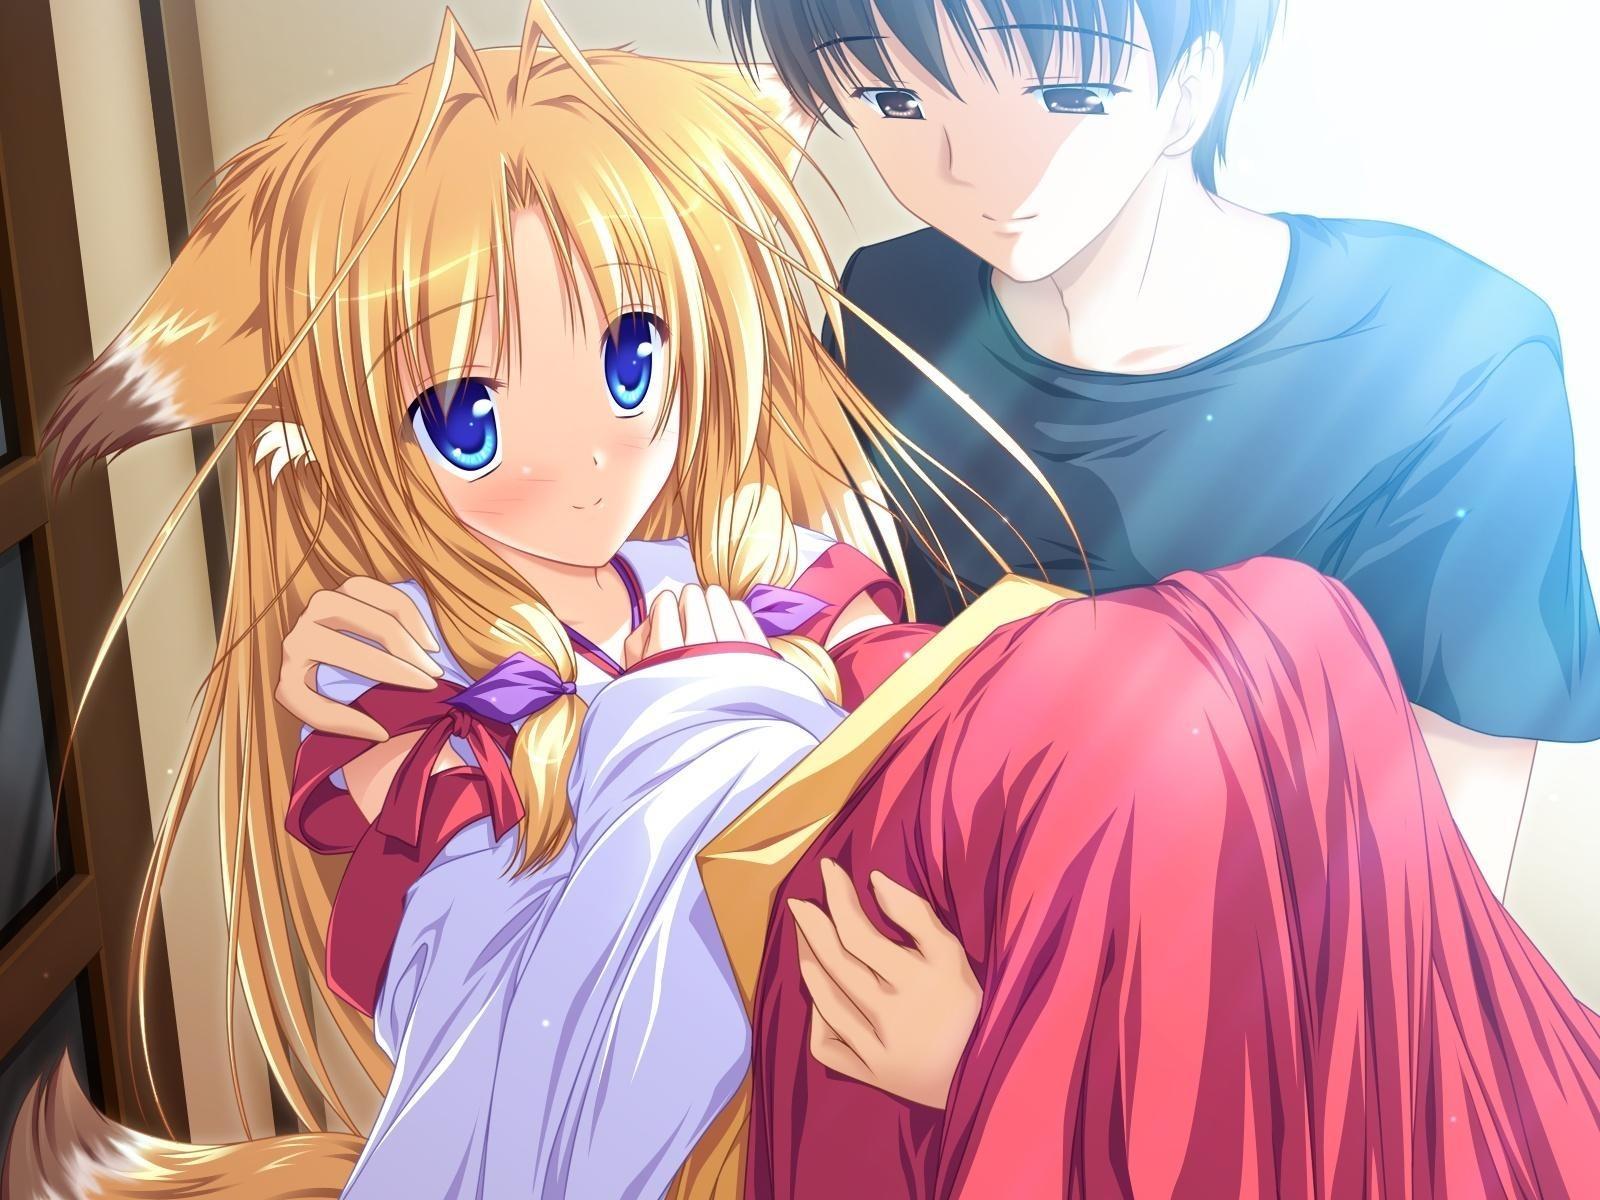 Cute anime couple 1600x1200 fondo de pantalla 2029 - Anime 1600x1200 ...